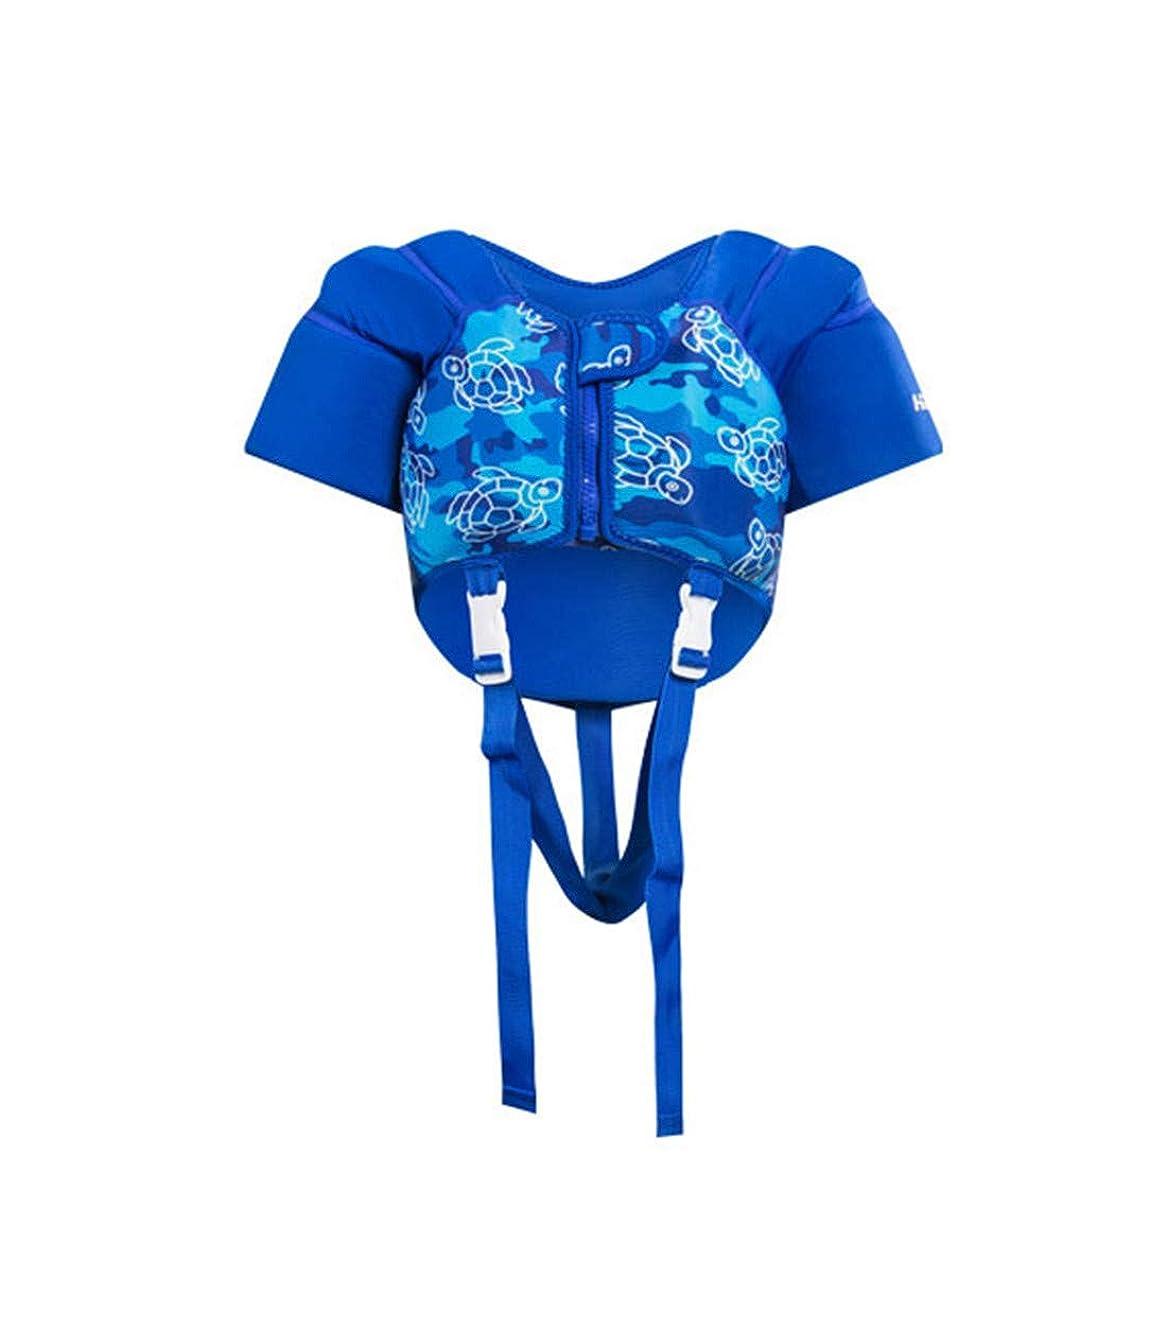 プレゼン対応する節約するライフジャケット 子供用 救命胴衣 フローティングベスト フィッシングベスト マリンスポーツ向け 安全保障 漂流 ボートフィッシング 高浮力